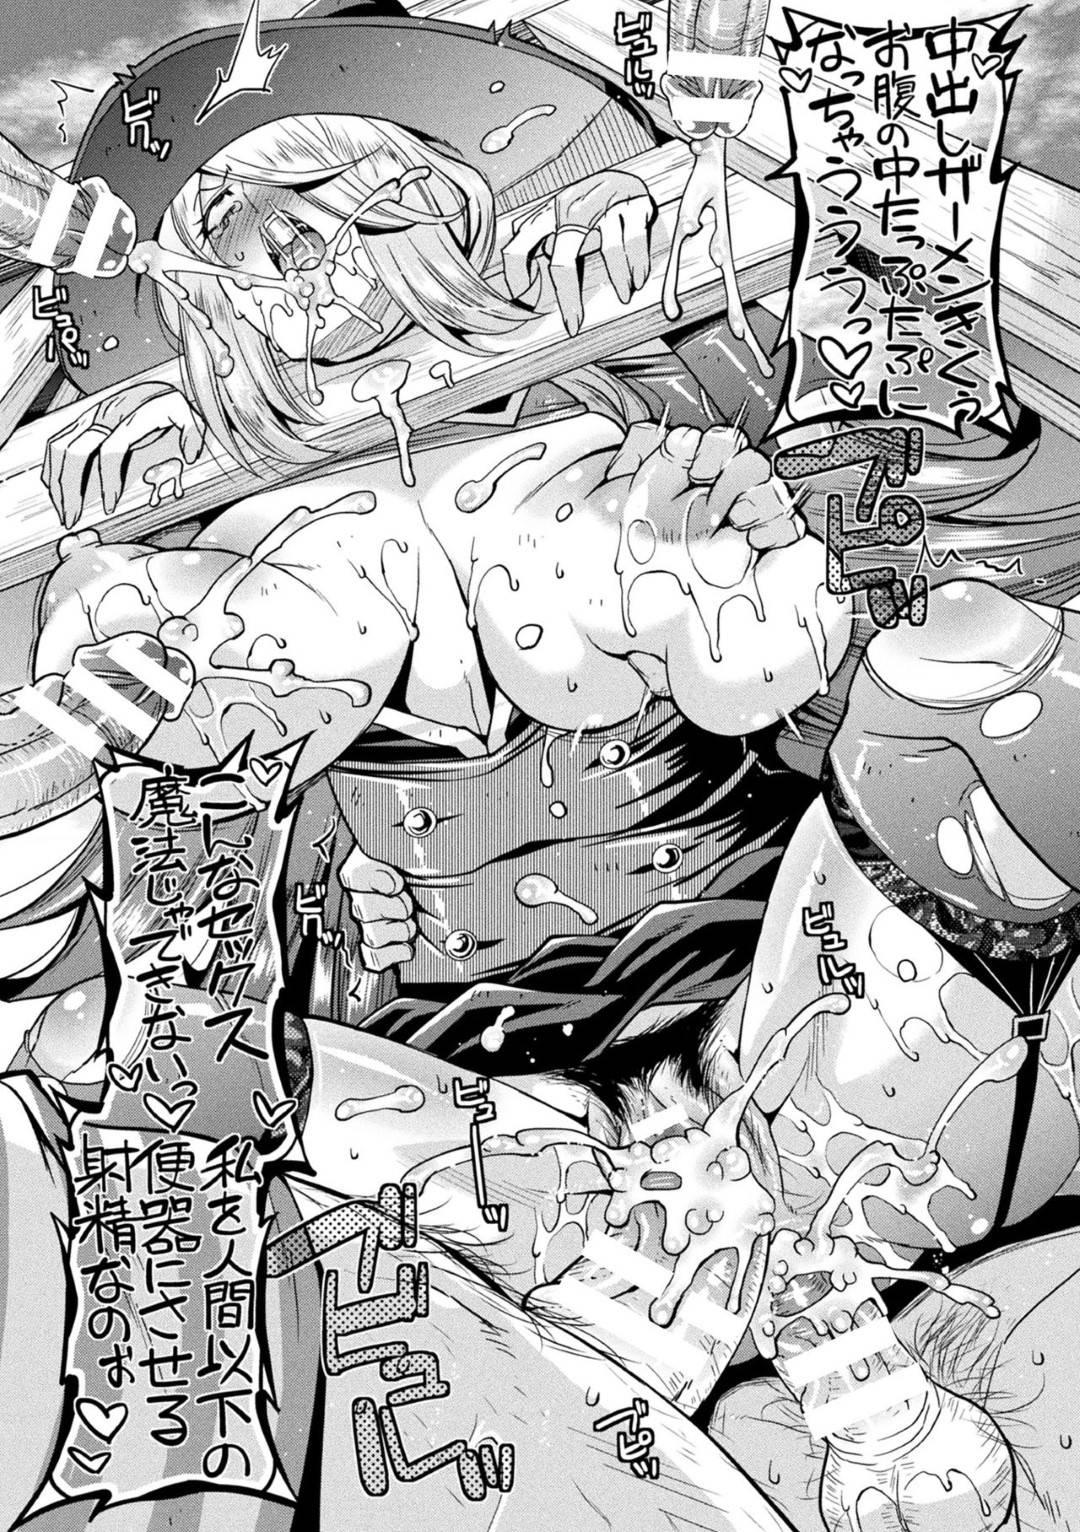 【エロ漫画】男たちに逮捕されてしまった巨乳魔女…国を荒らし回っていた過去から死刑宣告されるが、その前に陵辱として男囚たちに輪姦されてしまう!手錠で拘束されて魔法の使えない彼女は無力に処女マンコを裂かれて毎日のように犯される。【歌麿:陵辱魔女裁判】